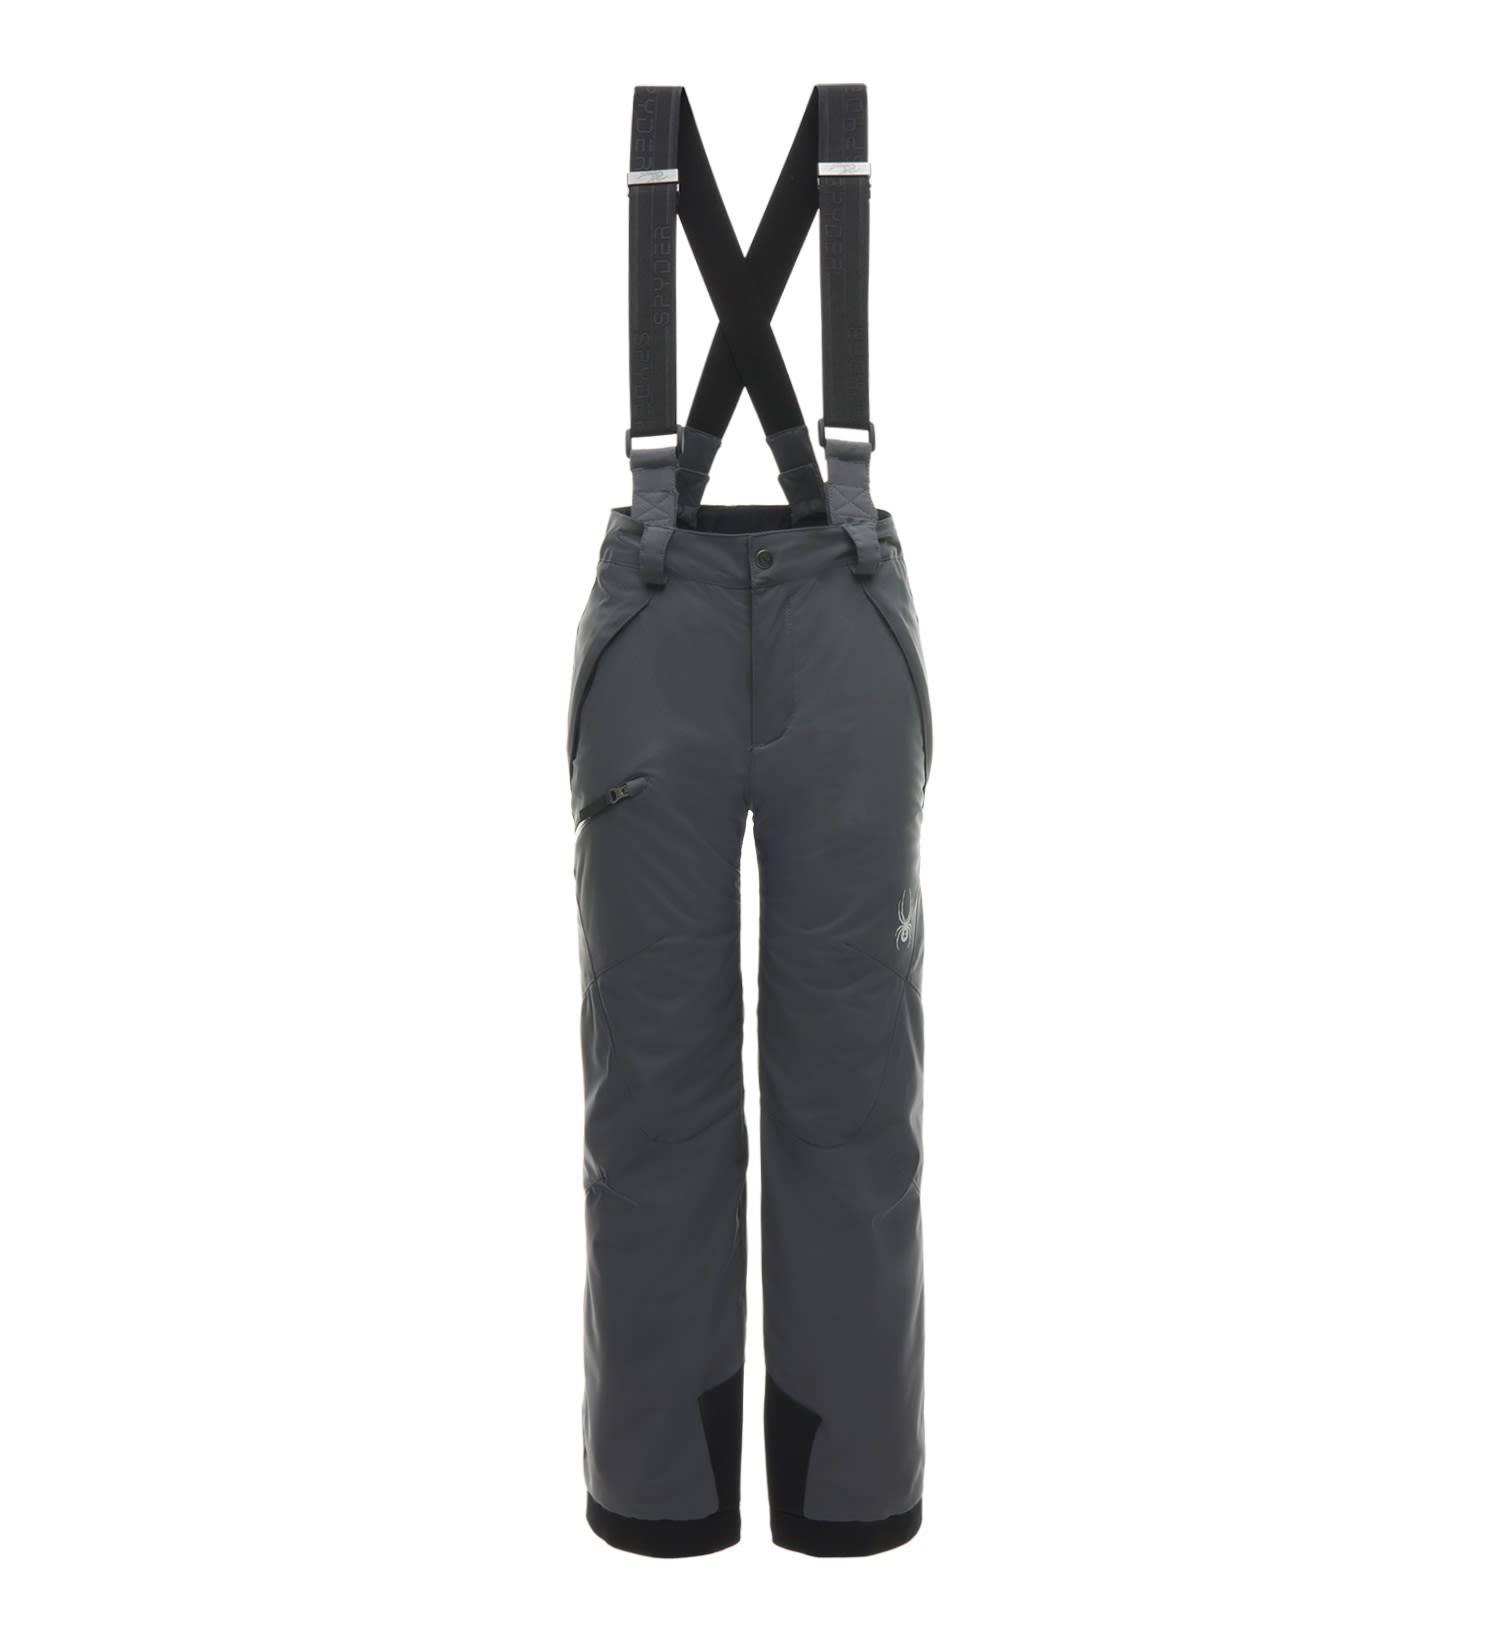 Pantalón Spyder 069 Propulsión De 8 Boy Polares Negros Lluvia Gris Pantalones 7rw7BqE